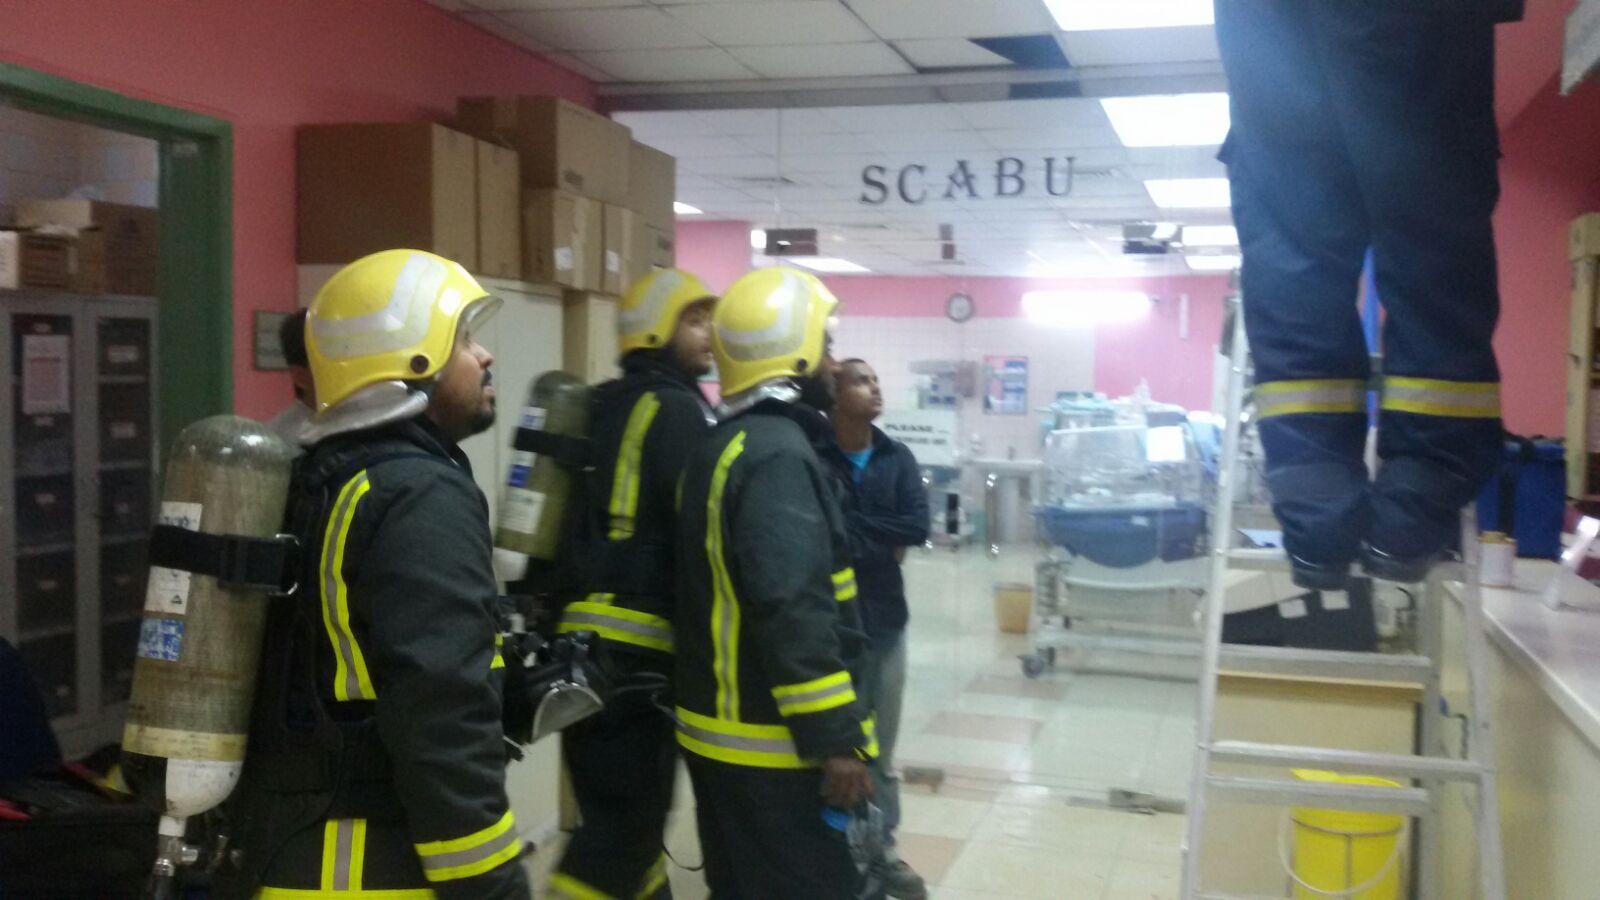 التماس كهربائي يخلي حضانة مستشفى ابوعريش (2)